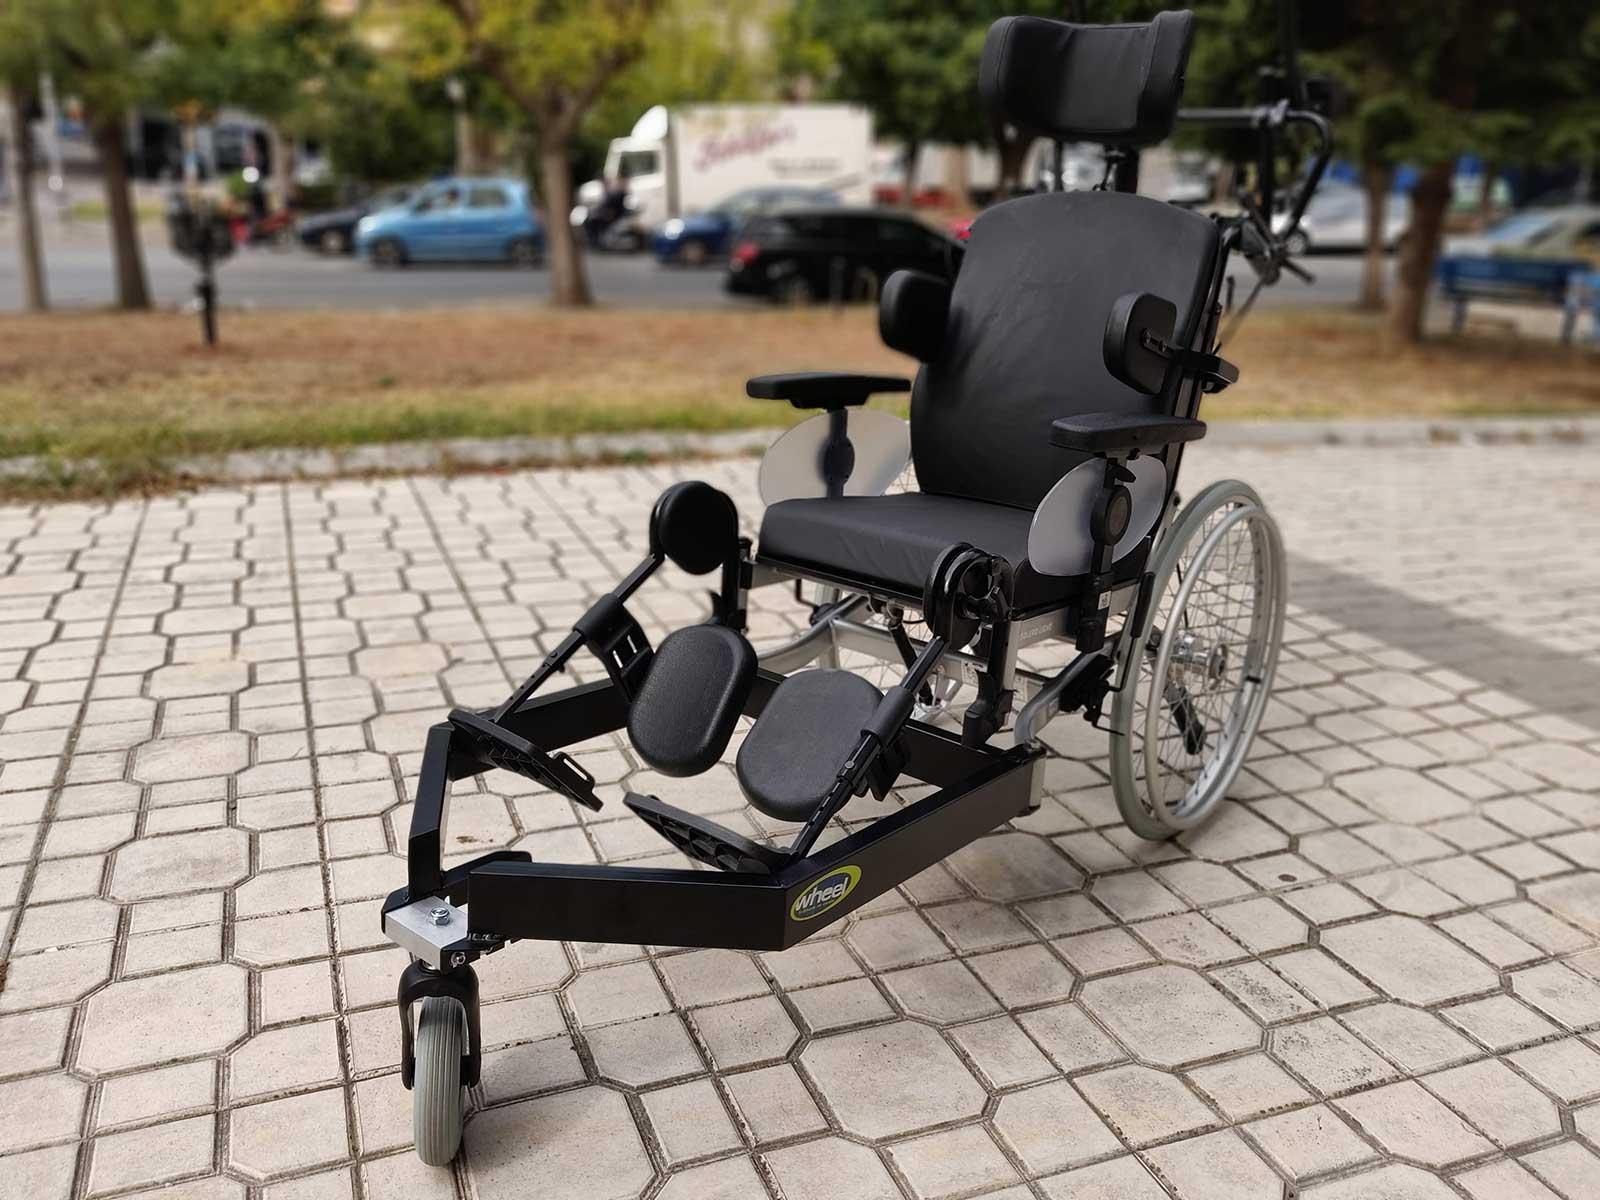 Αναπηρικό αμαξίδιο για Μαραθώνιο δρόμο